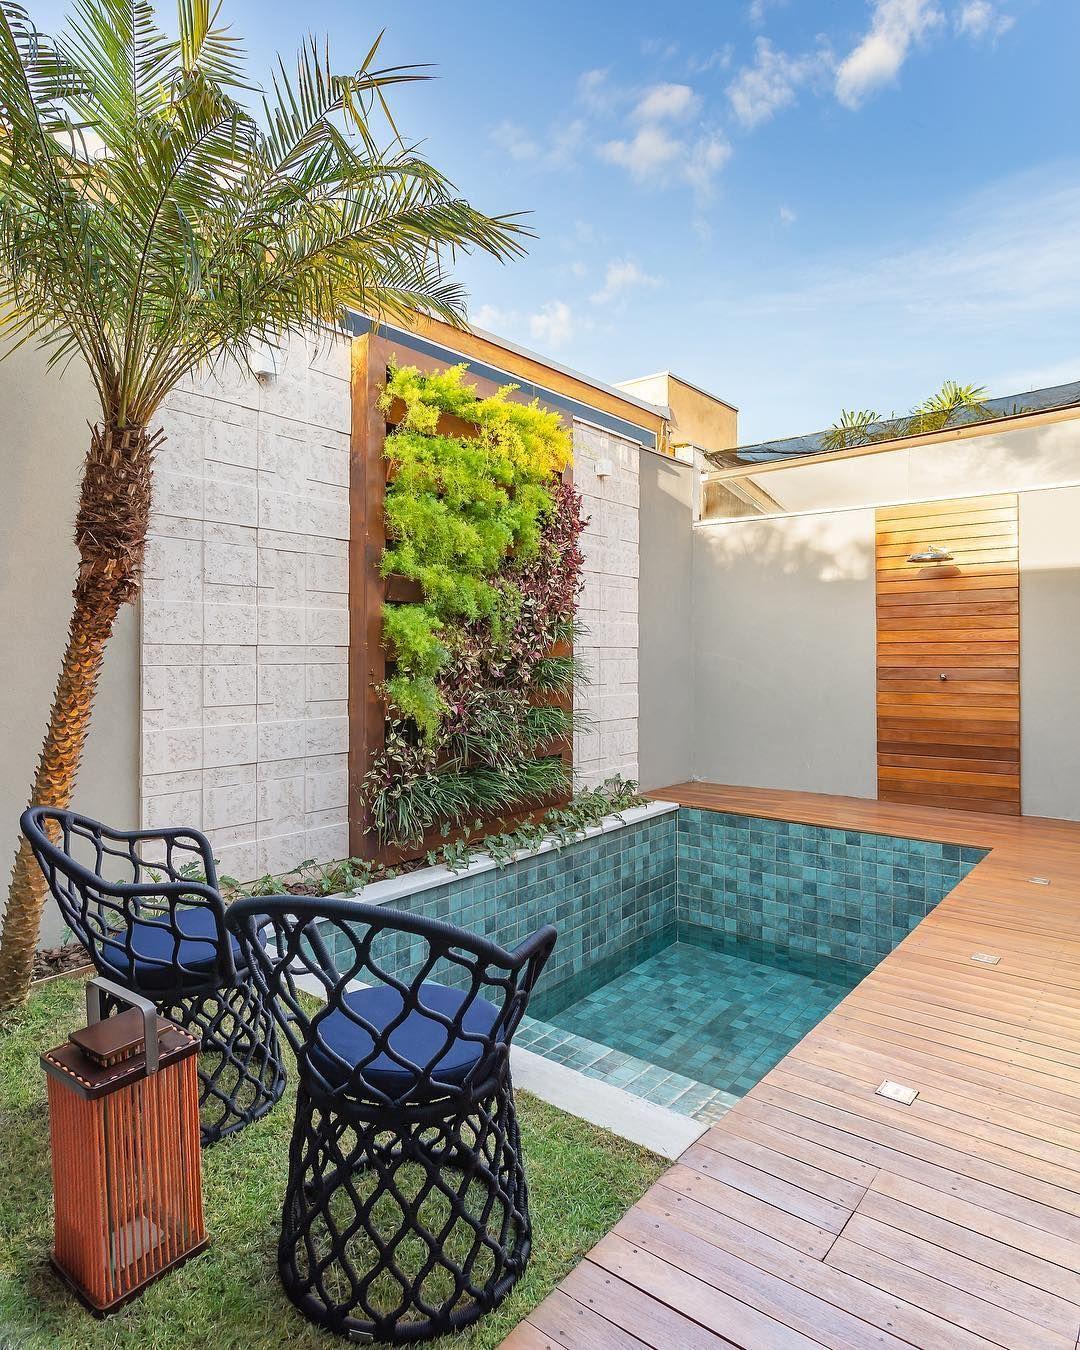 Piscina com deck dicas e 70 ideias para transformar sua área de lazer is part of Small backyard pools, Backyard pool designs, Small pool design, Backyard, Patio, Deck designs backyard - Confira dicas para ter uma piscina com deck na sua casa e se inspire com diversos projetos para aproveitar os dias de calor